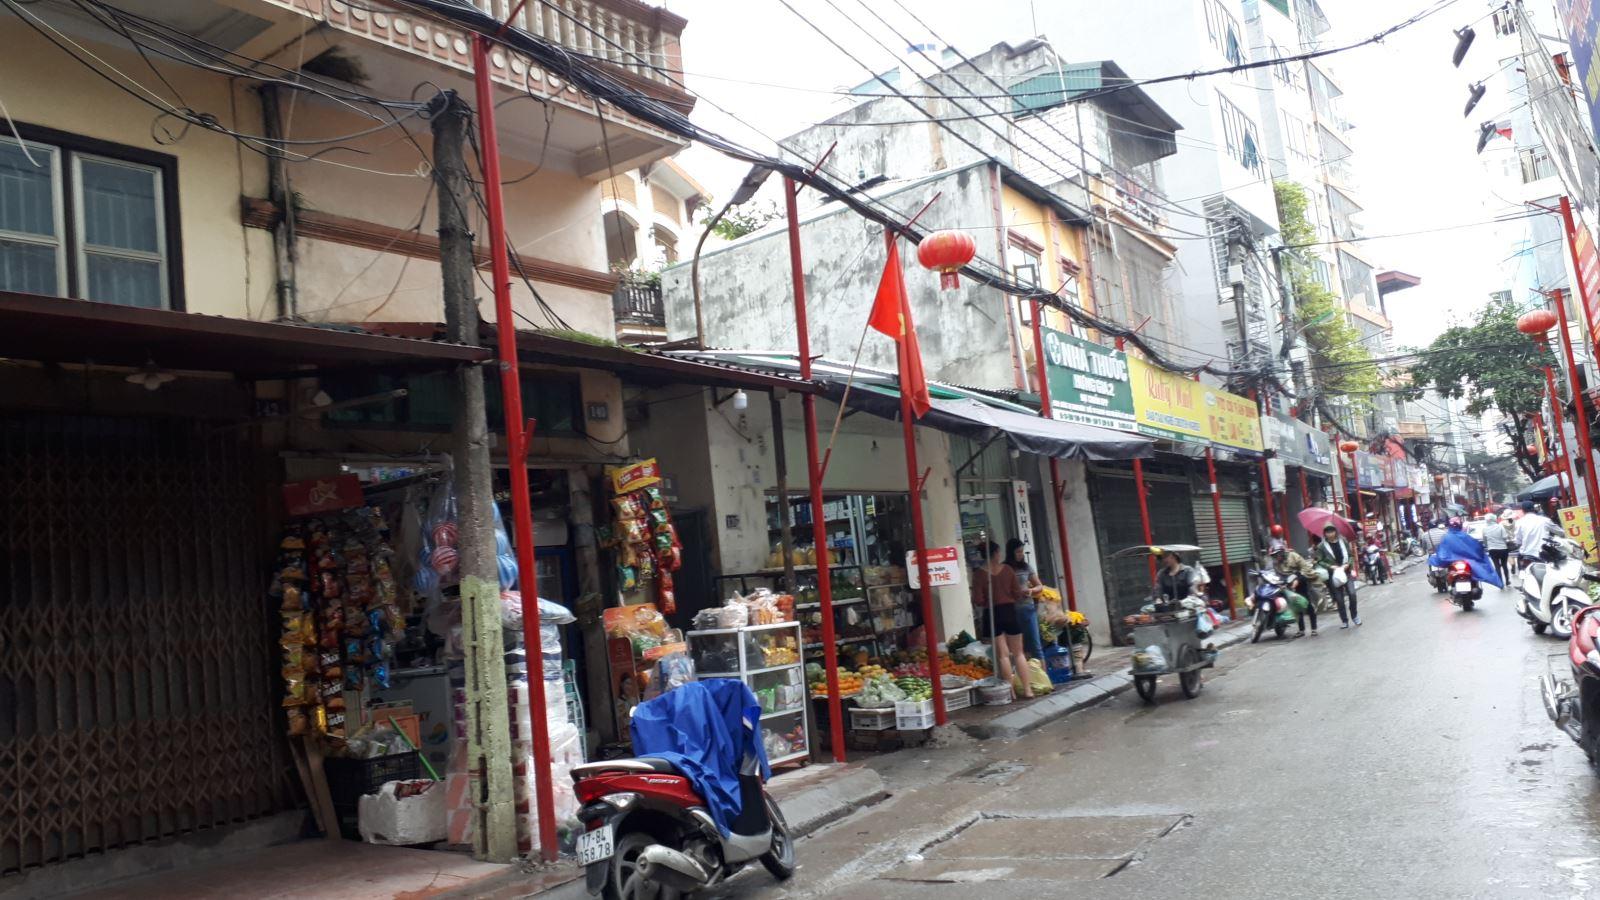 Lạ mắt với hàng cột, biển 'đồng phục' tại tuyến phố kiểu mẫu thứ 2 của Hà Nội - Ảnh 7.